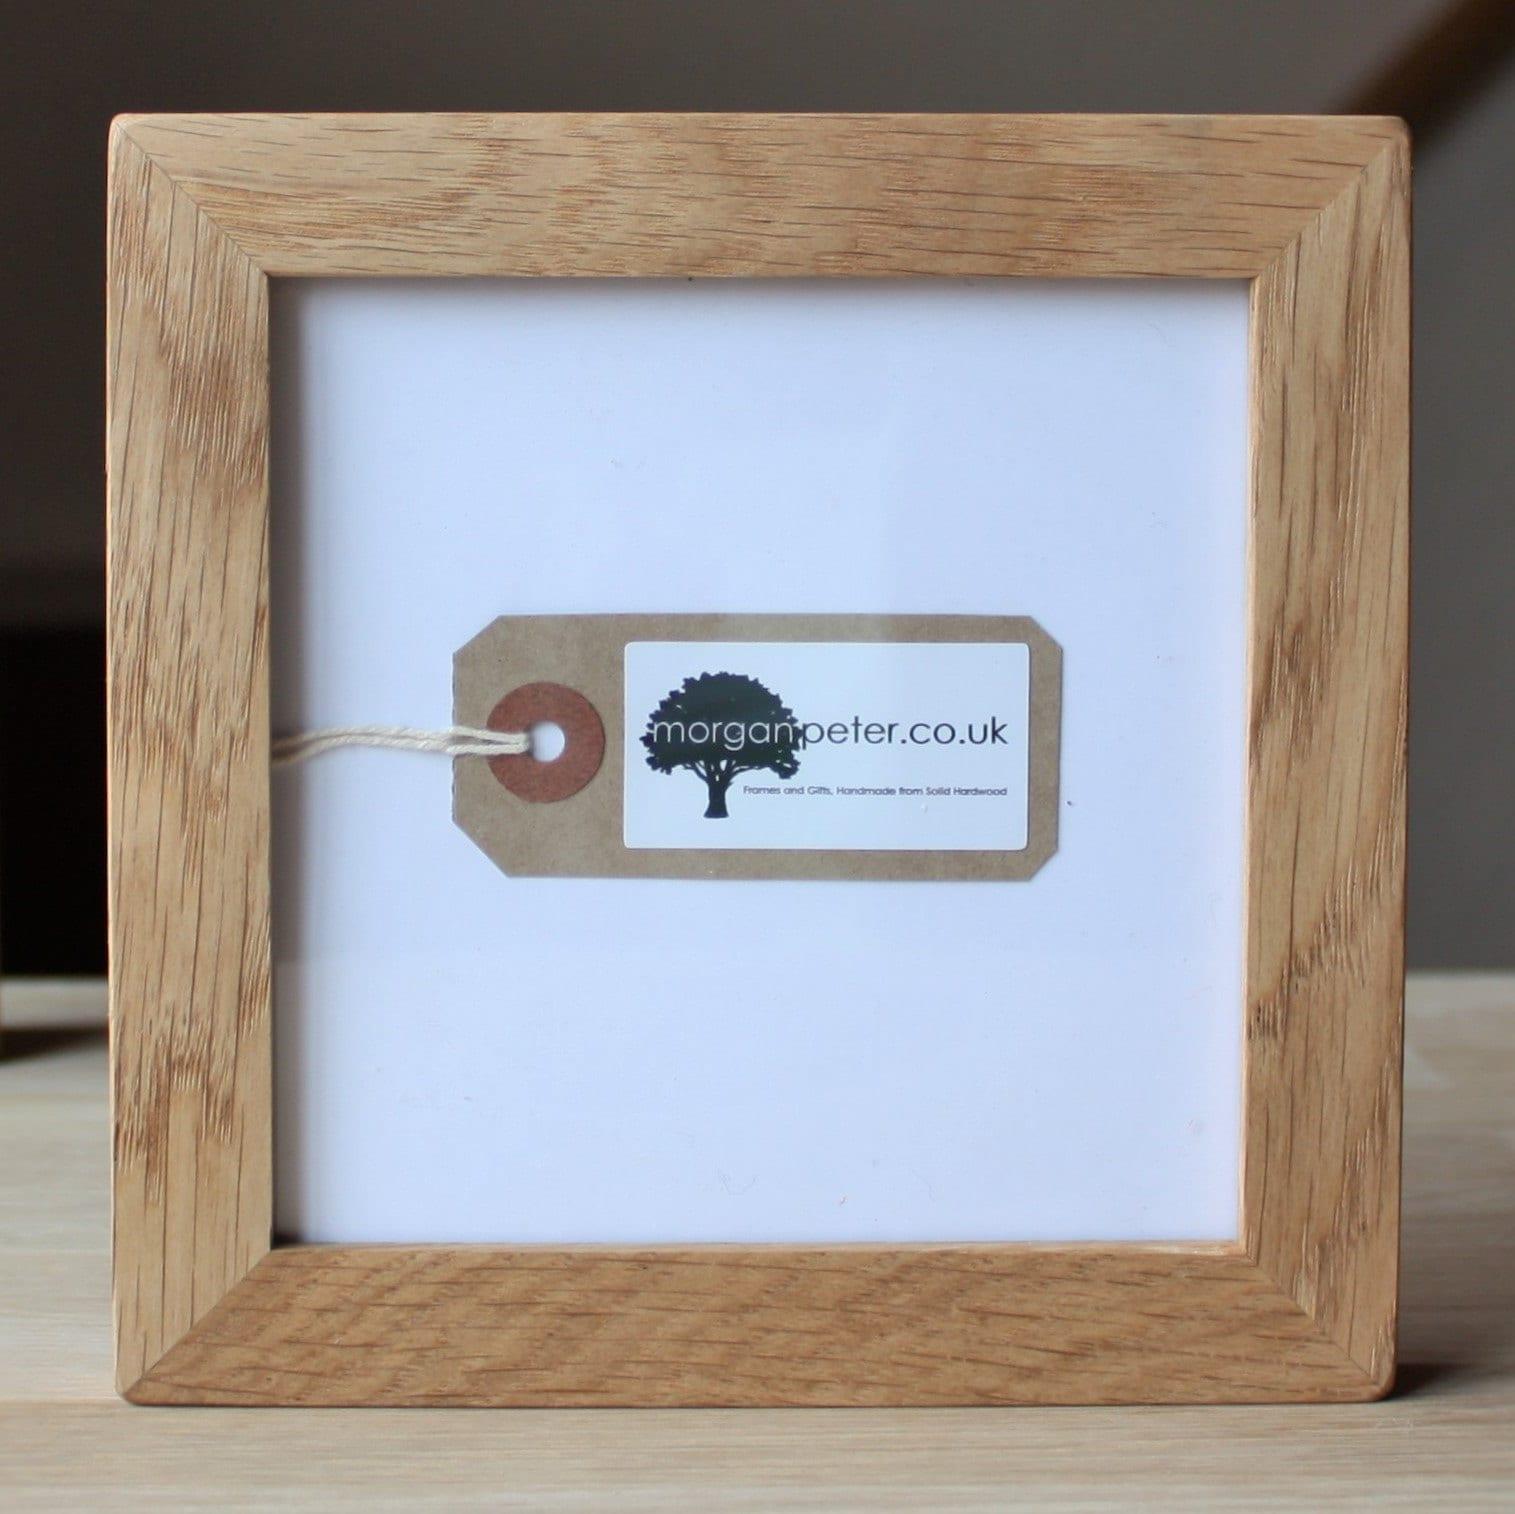 10x12 Oak frame Wooden photo frame for pics 12x10 custom | Etsy